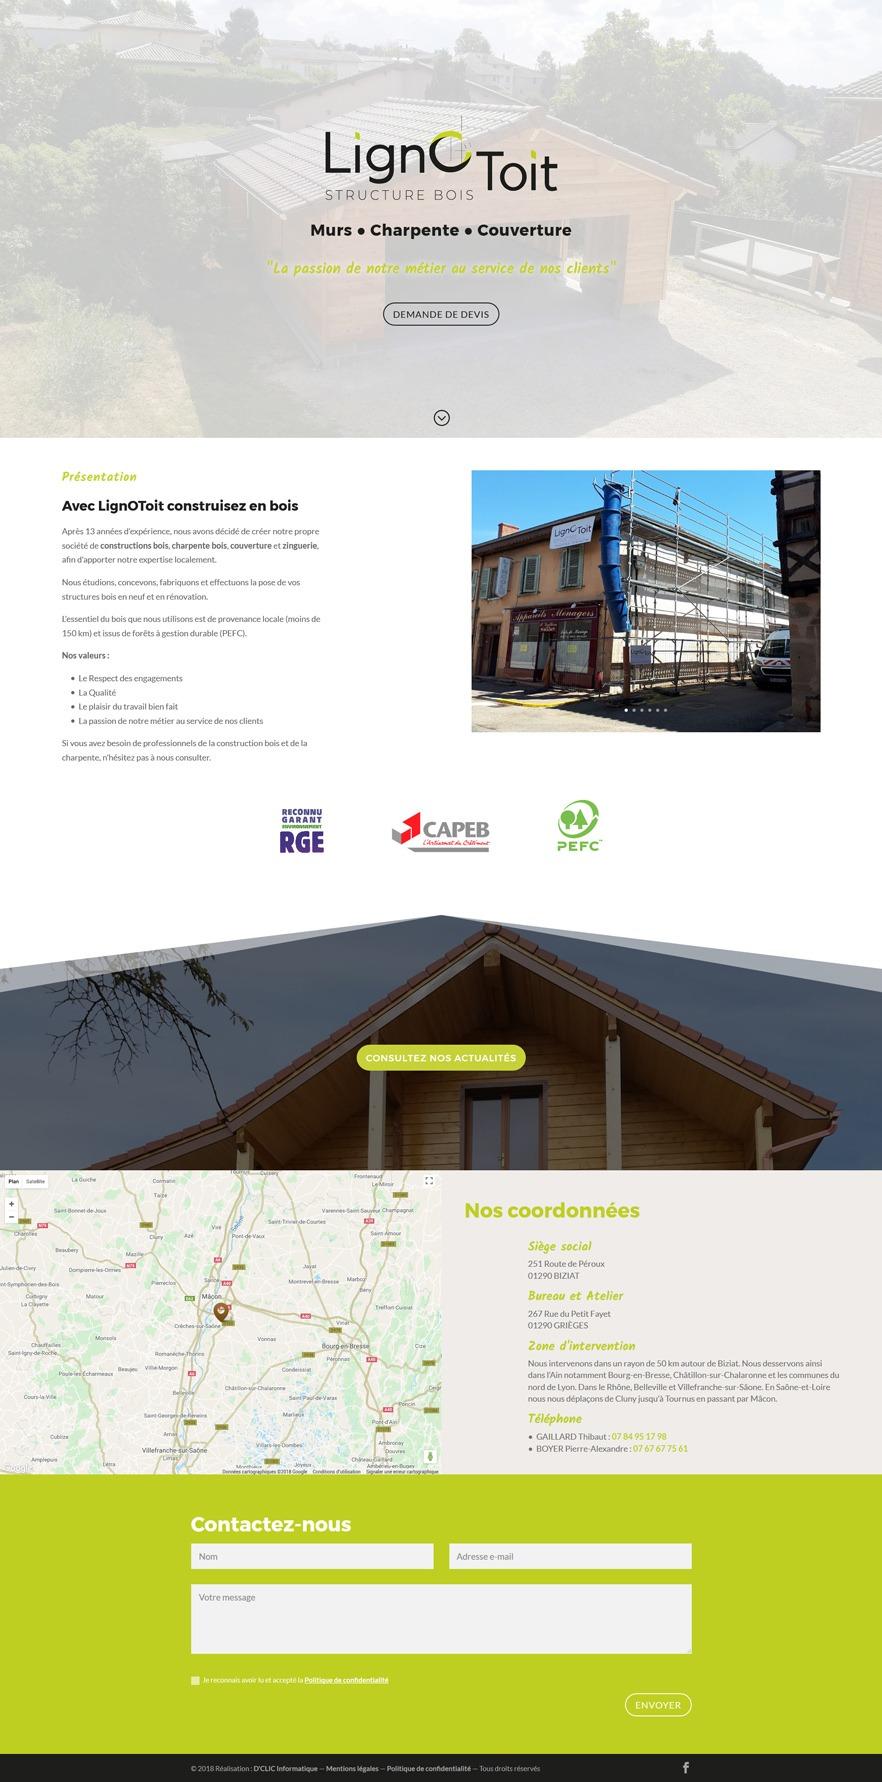 LignOToit - Structure bois - Murs - Charpente - Couverture - Zinguerie